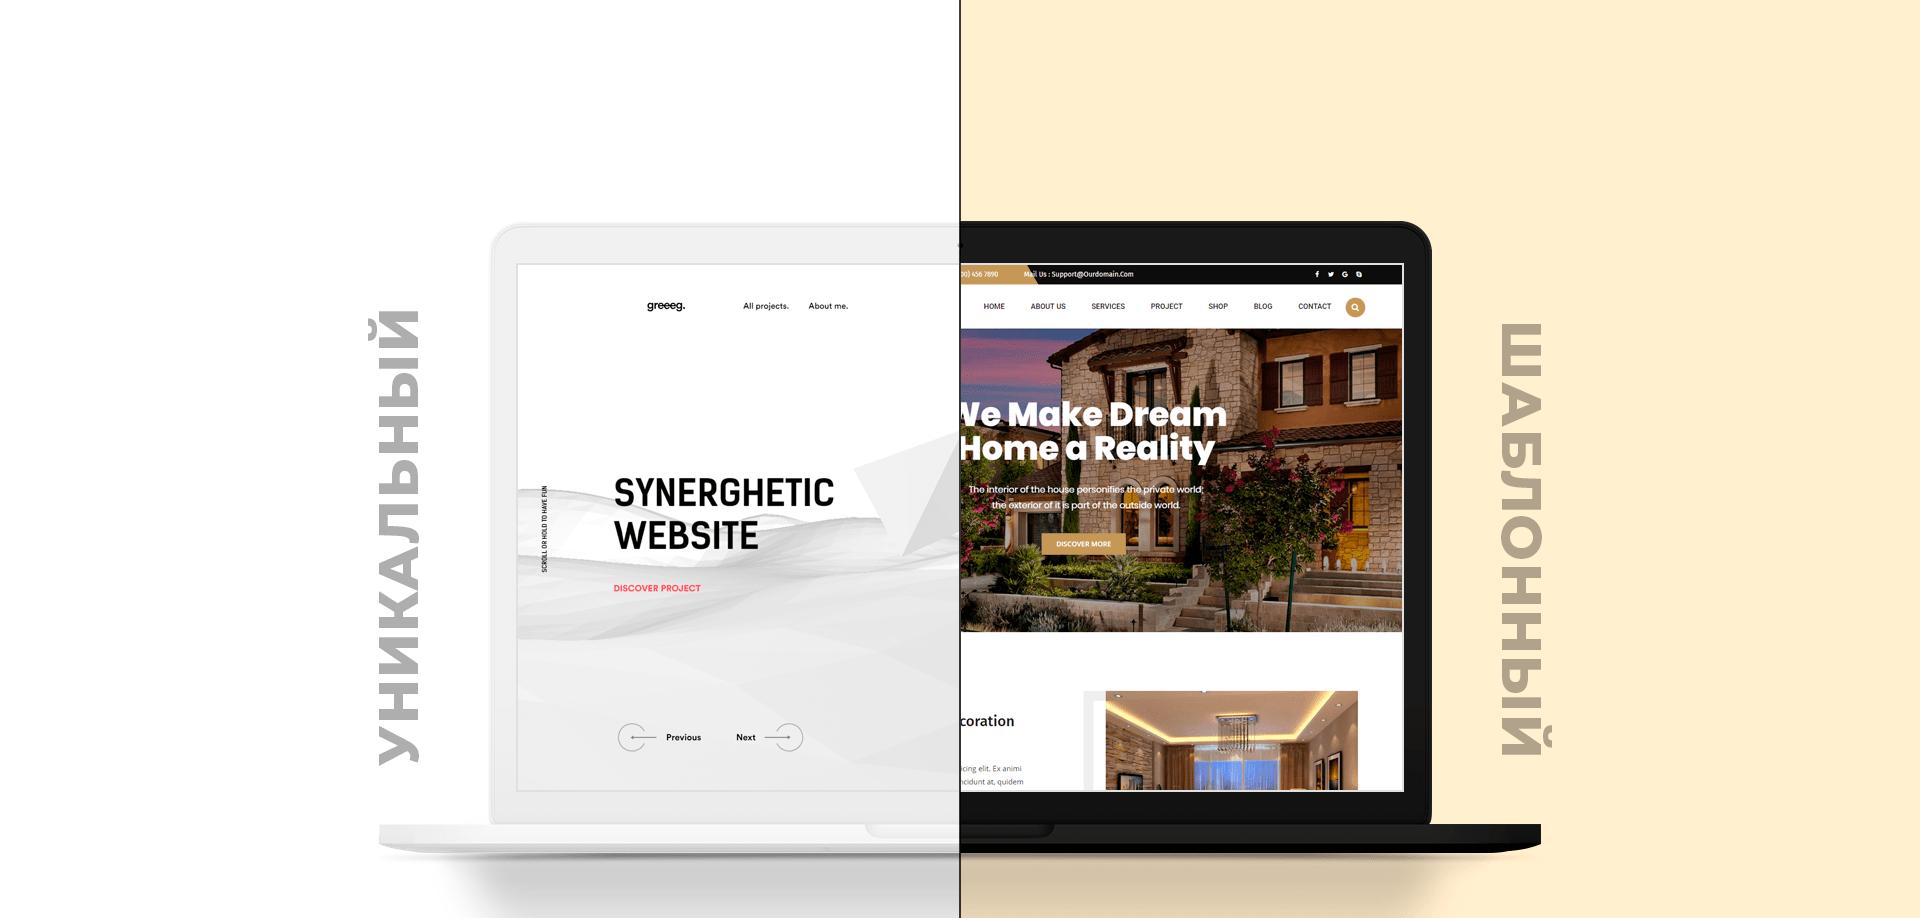 Шаблонний і унікальний дизайн сайту: обирай мудро